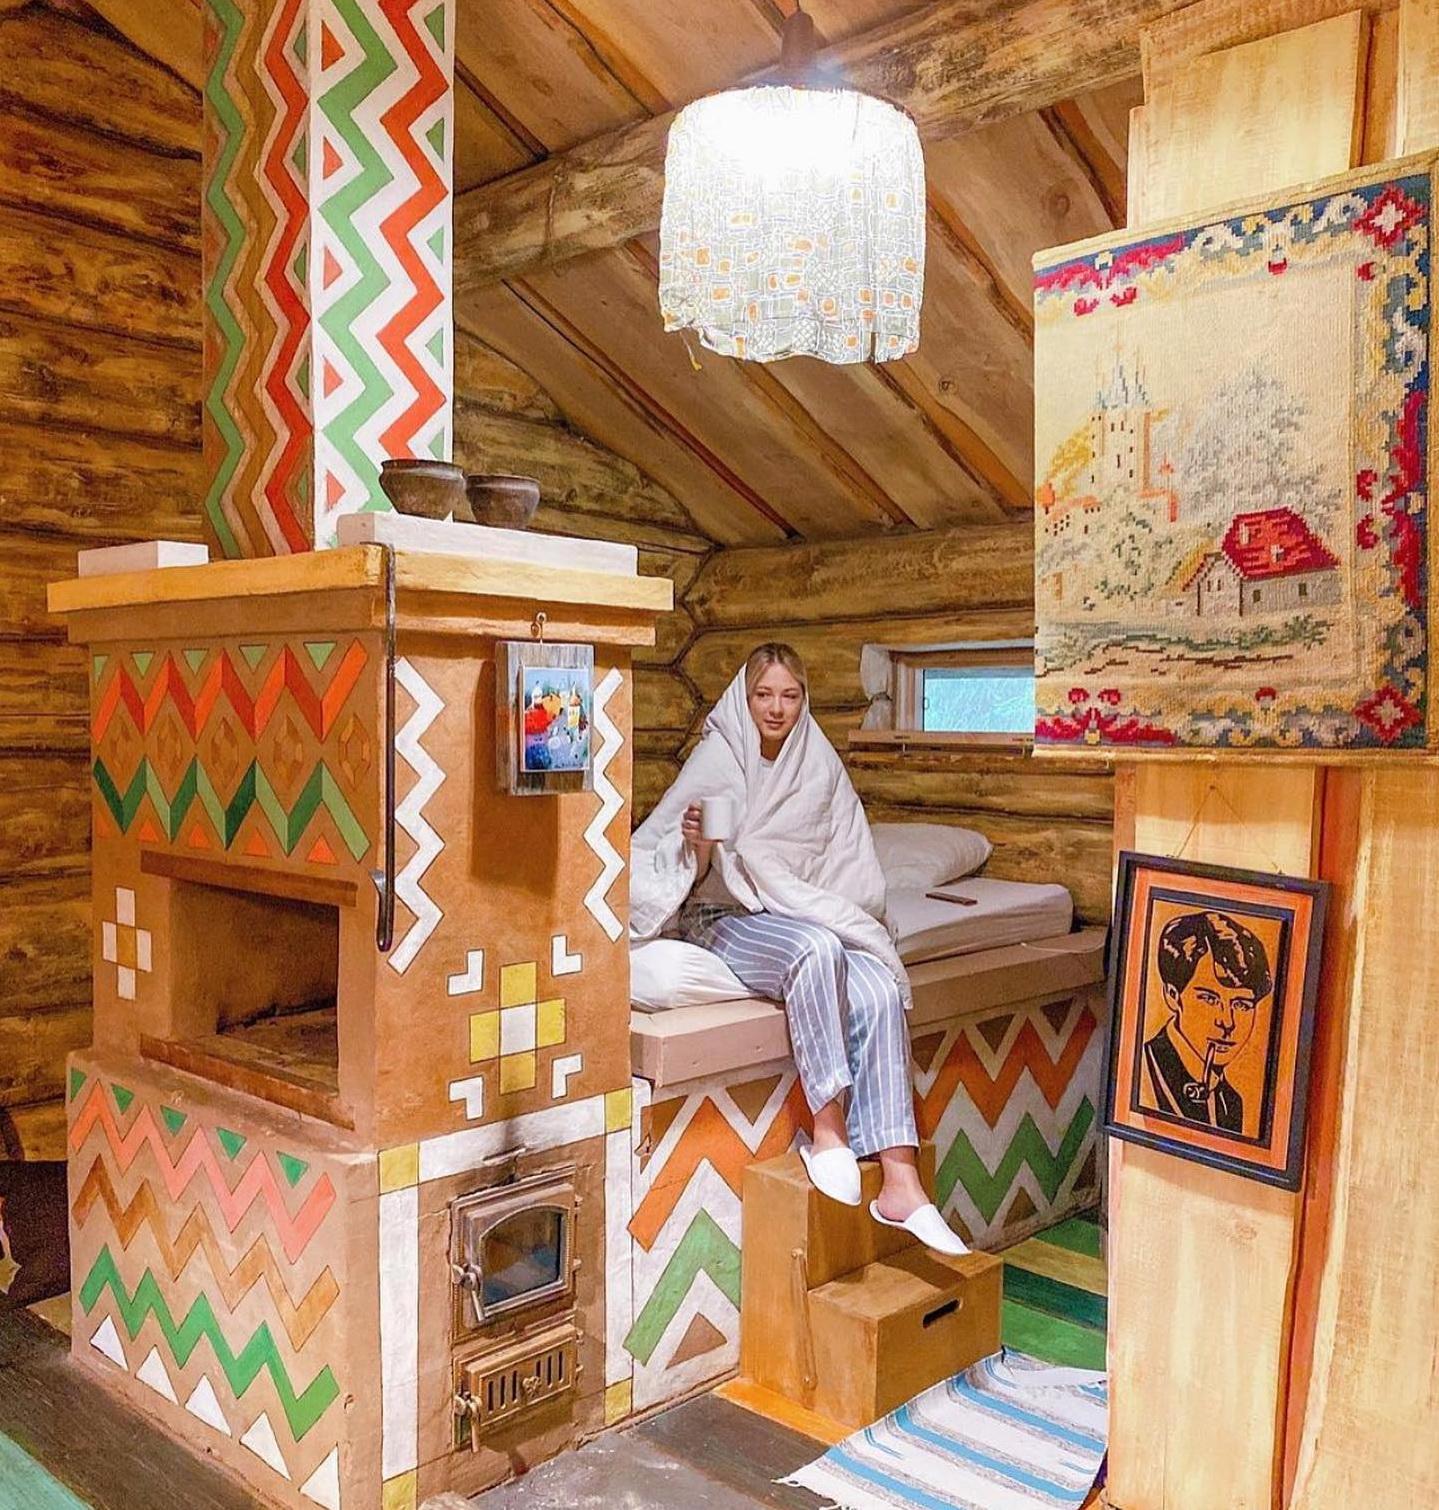 Интерьеры комнат в арт-усадьбе «Веретьево» в Подмосковье